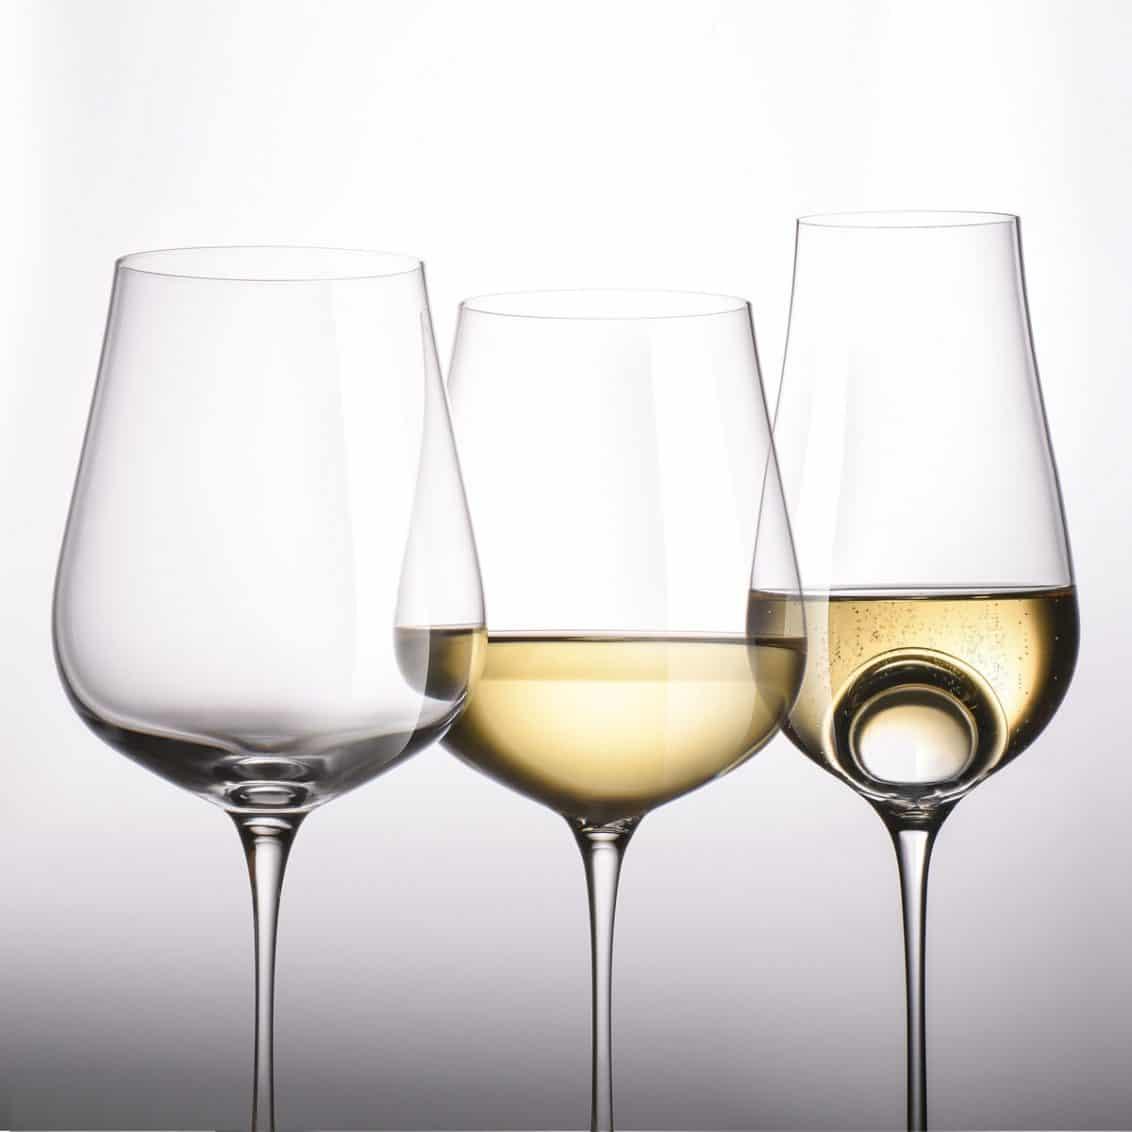 Zwiesel-1872-Air-Sense-Sektglas-Champagner-Ambiente-1132x1132